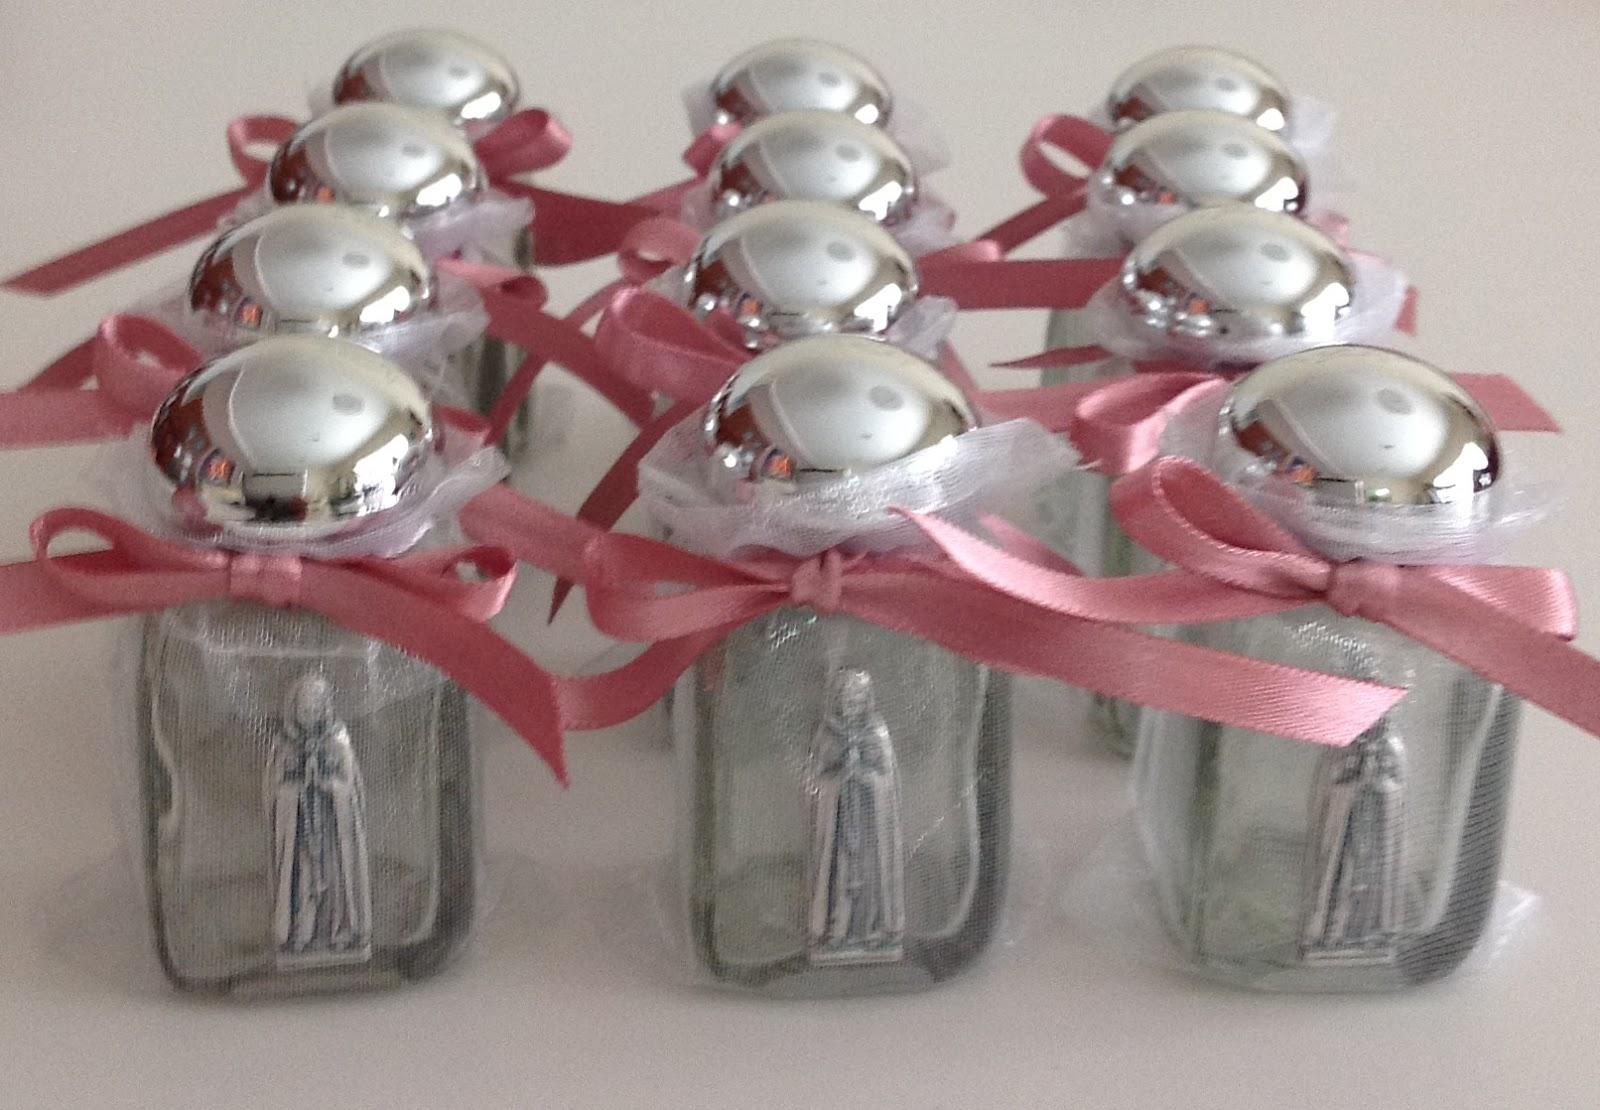 Botellas para agua bendita con imagen de la Rosa Mística